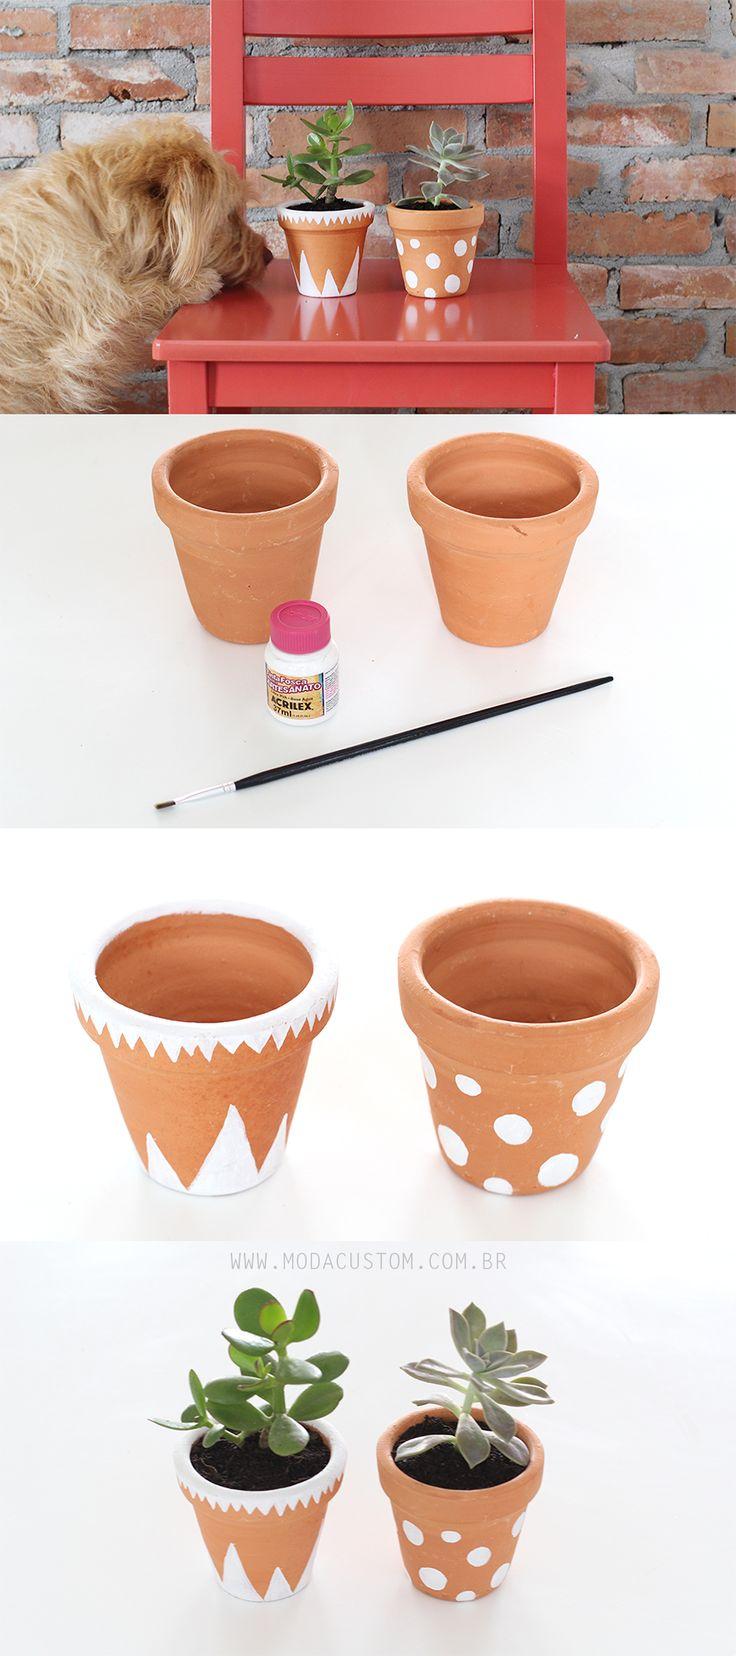 DIY vasinhos de cerâmica pintados